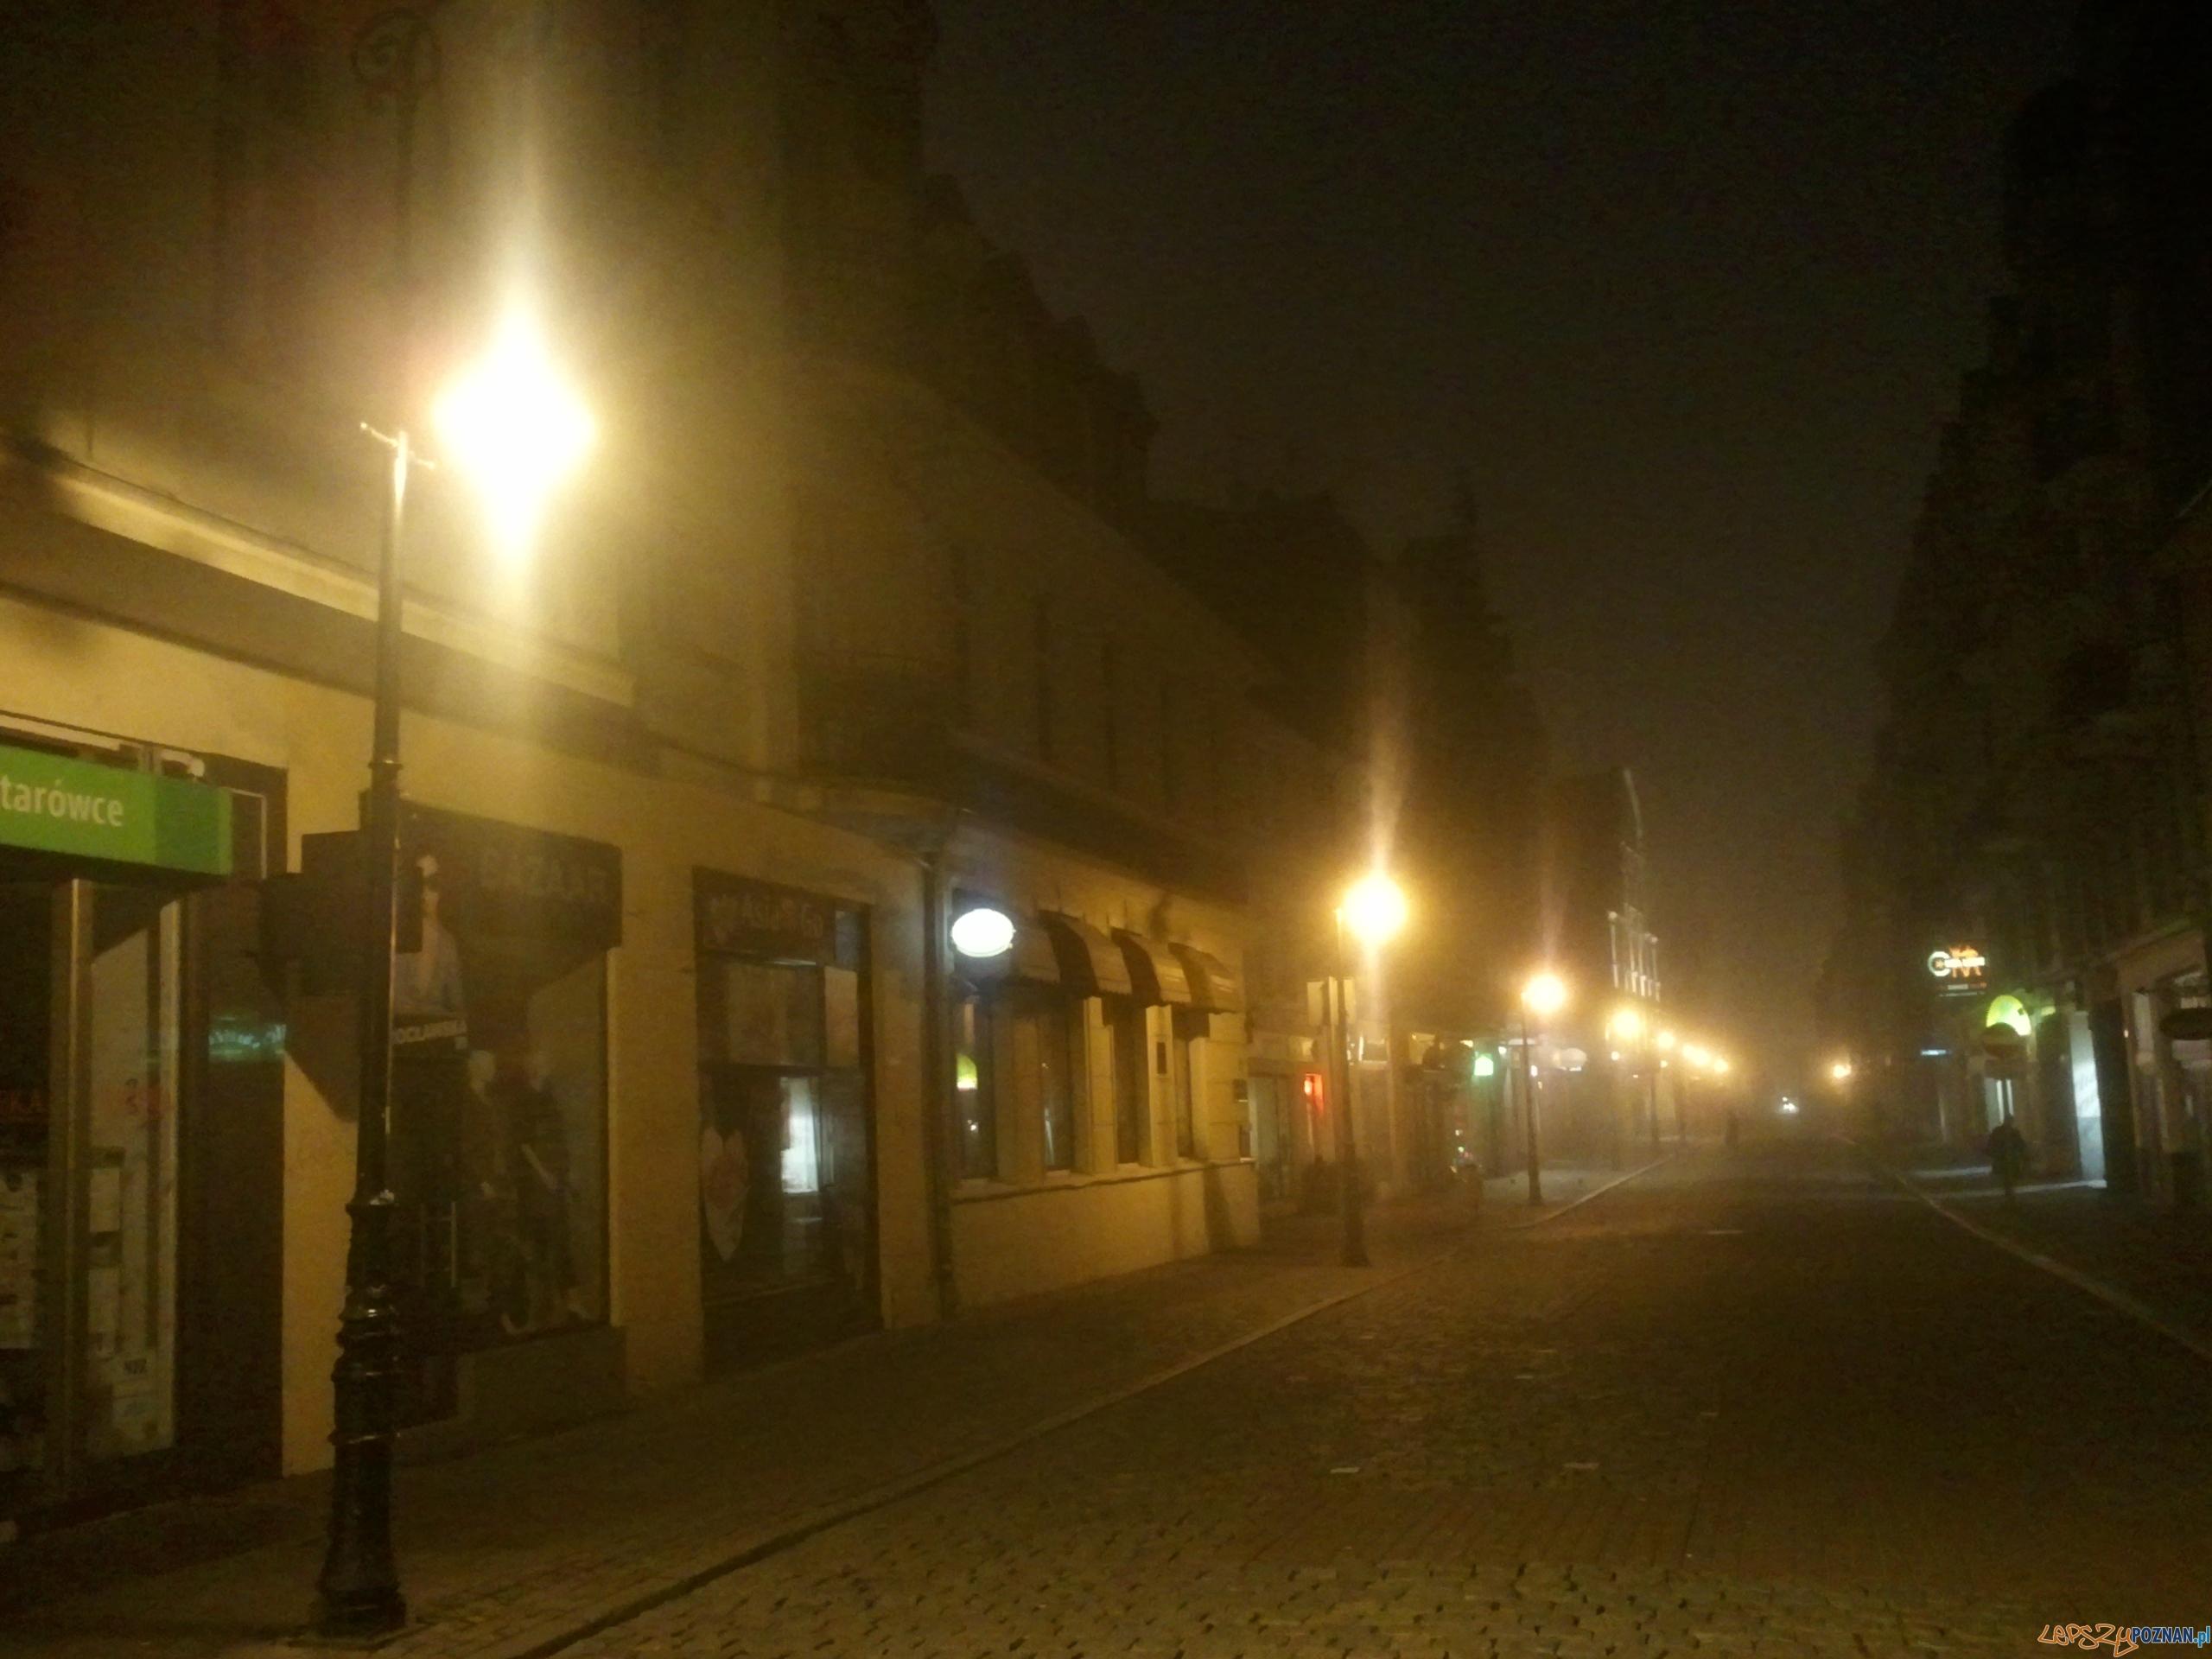 Poranna mgła - ul. Wrocławska około godziny 6:30  Foto: lepszyPOZNAN.pl / gsm